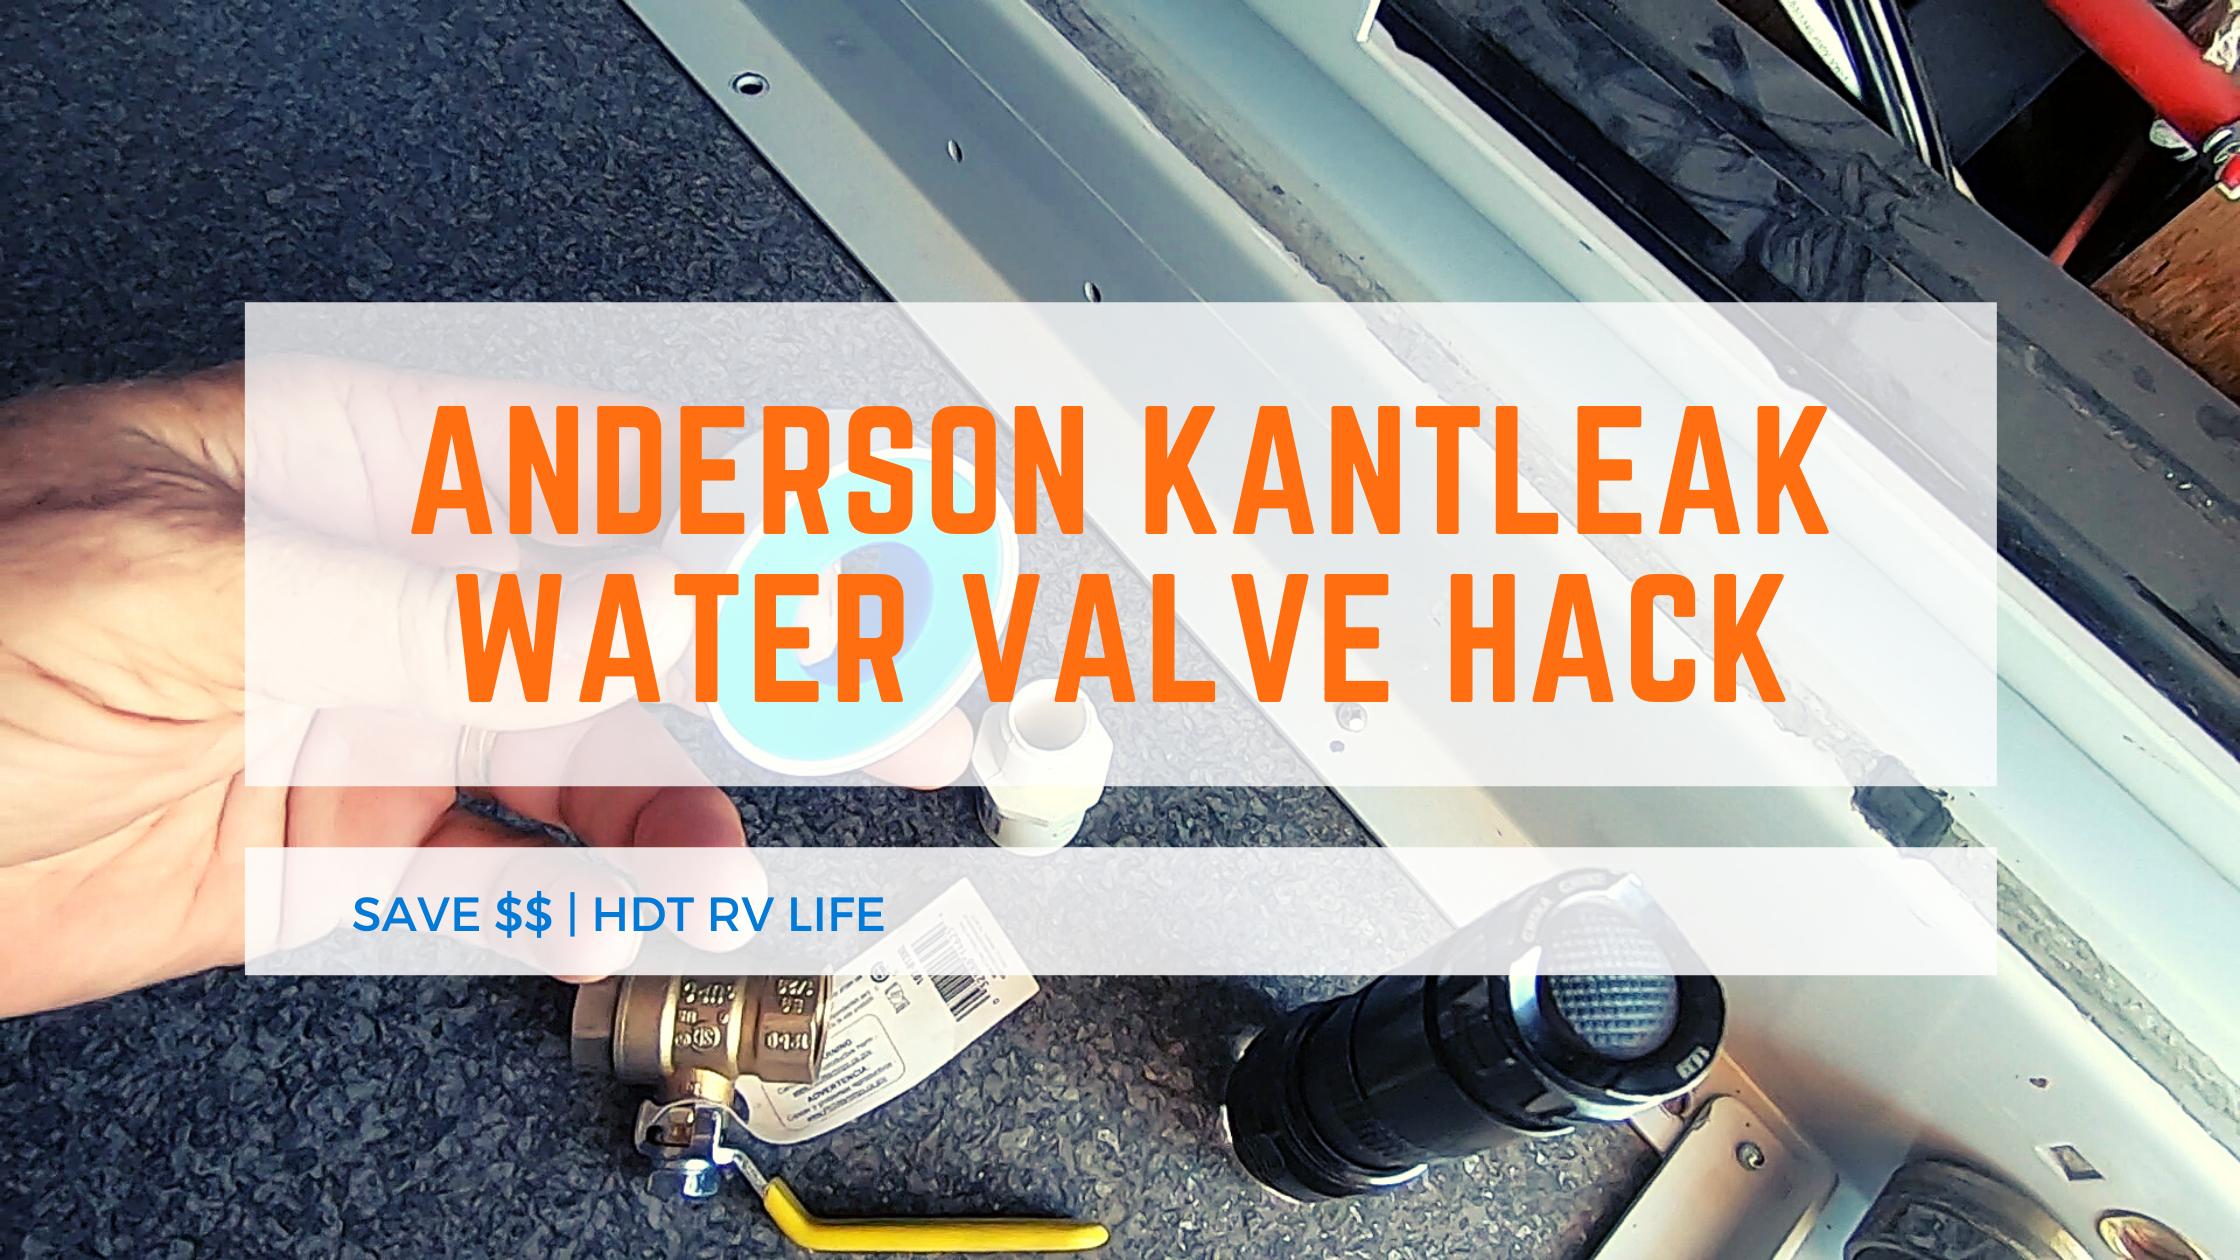 Anderson Kantleak Water Valve Hack